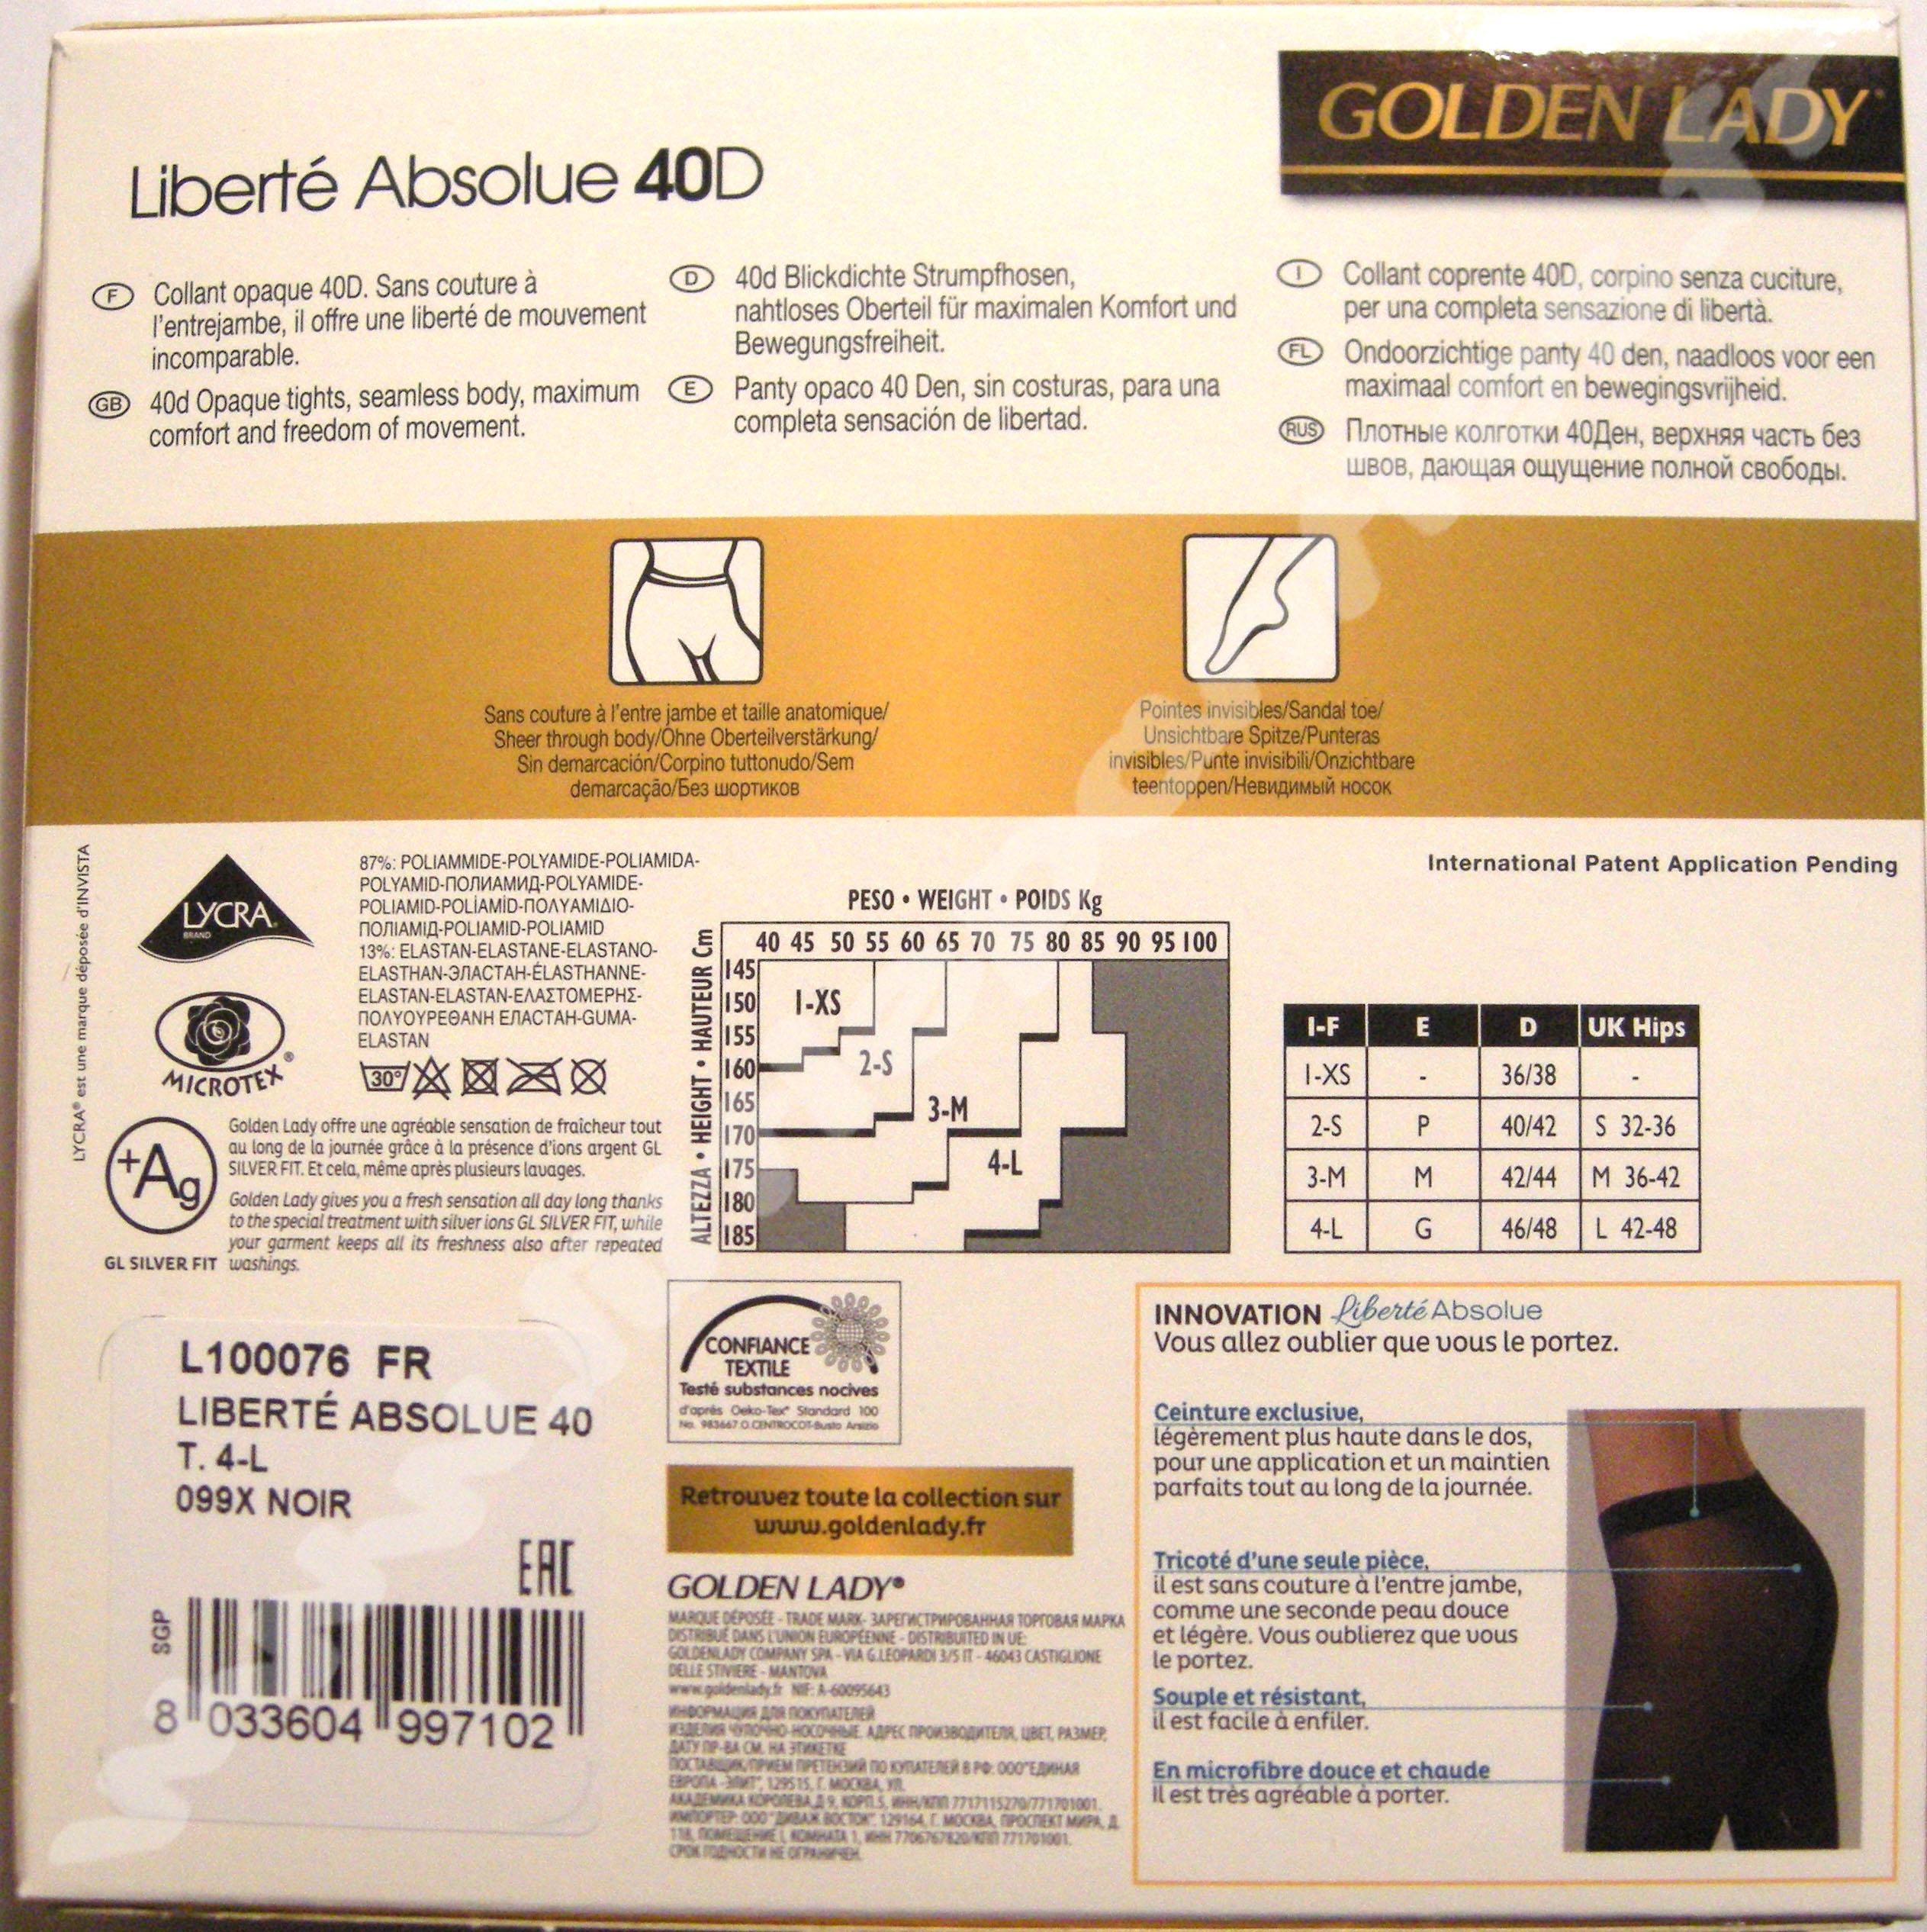 Collection de collants et bas GOLDEN LADY - Liberté Absolue - Opaque bb44fde5281